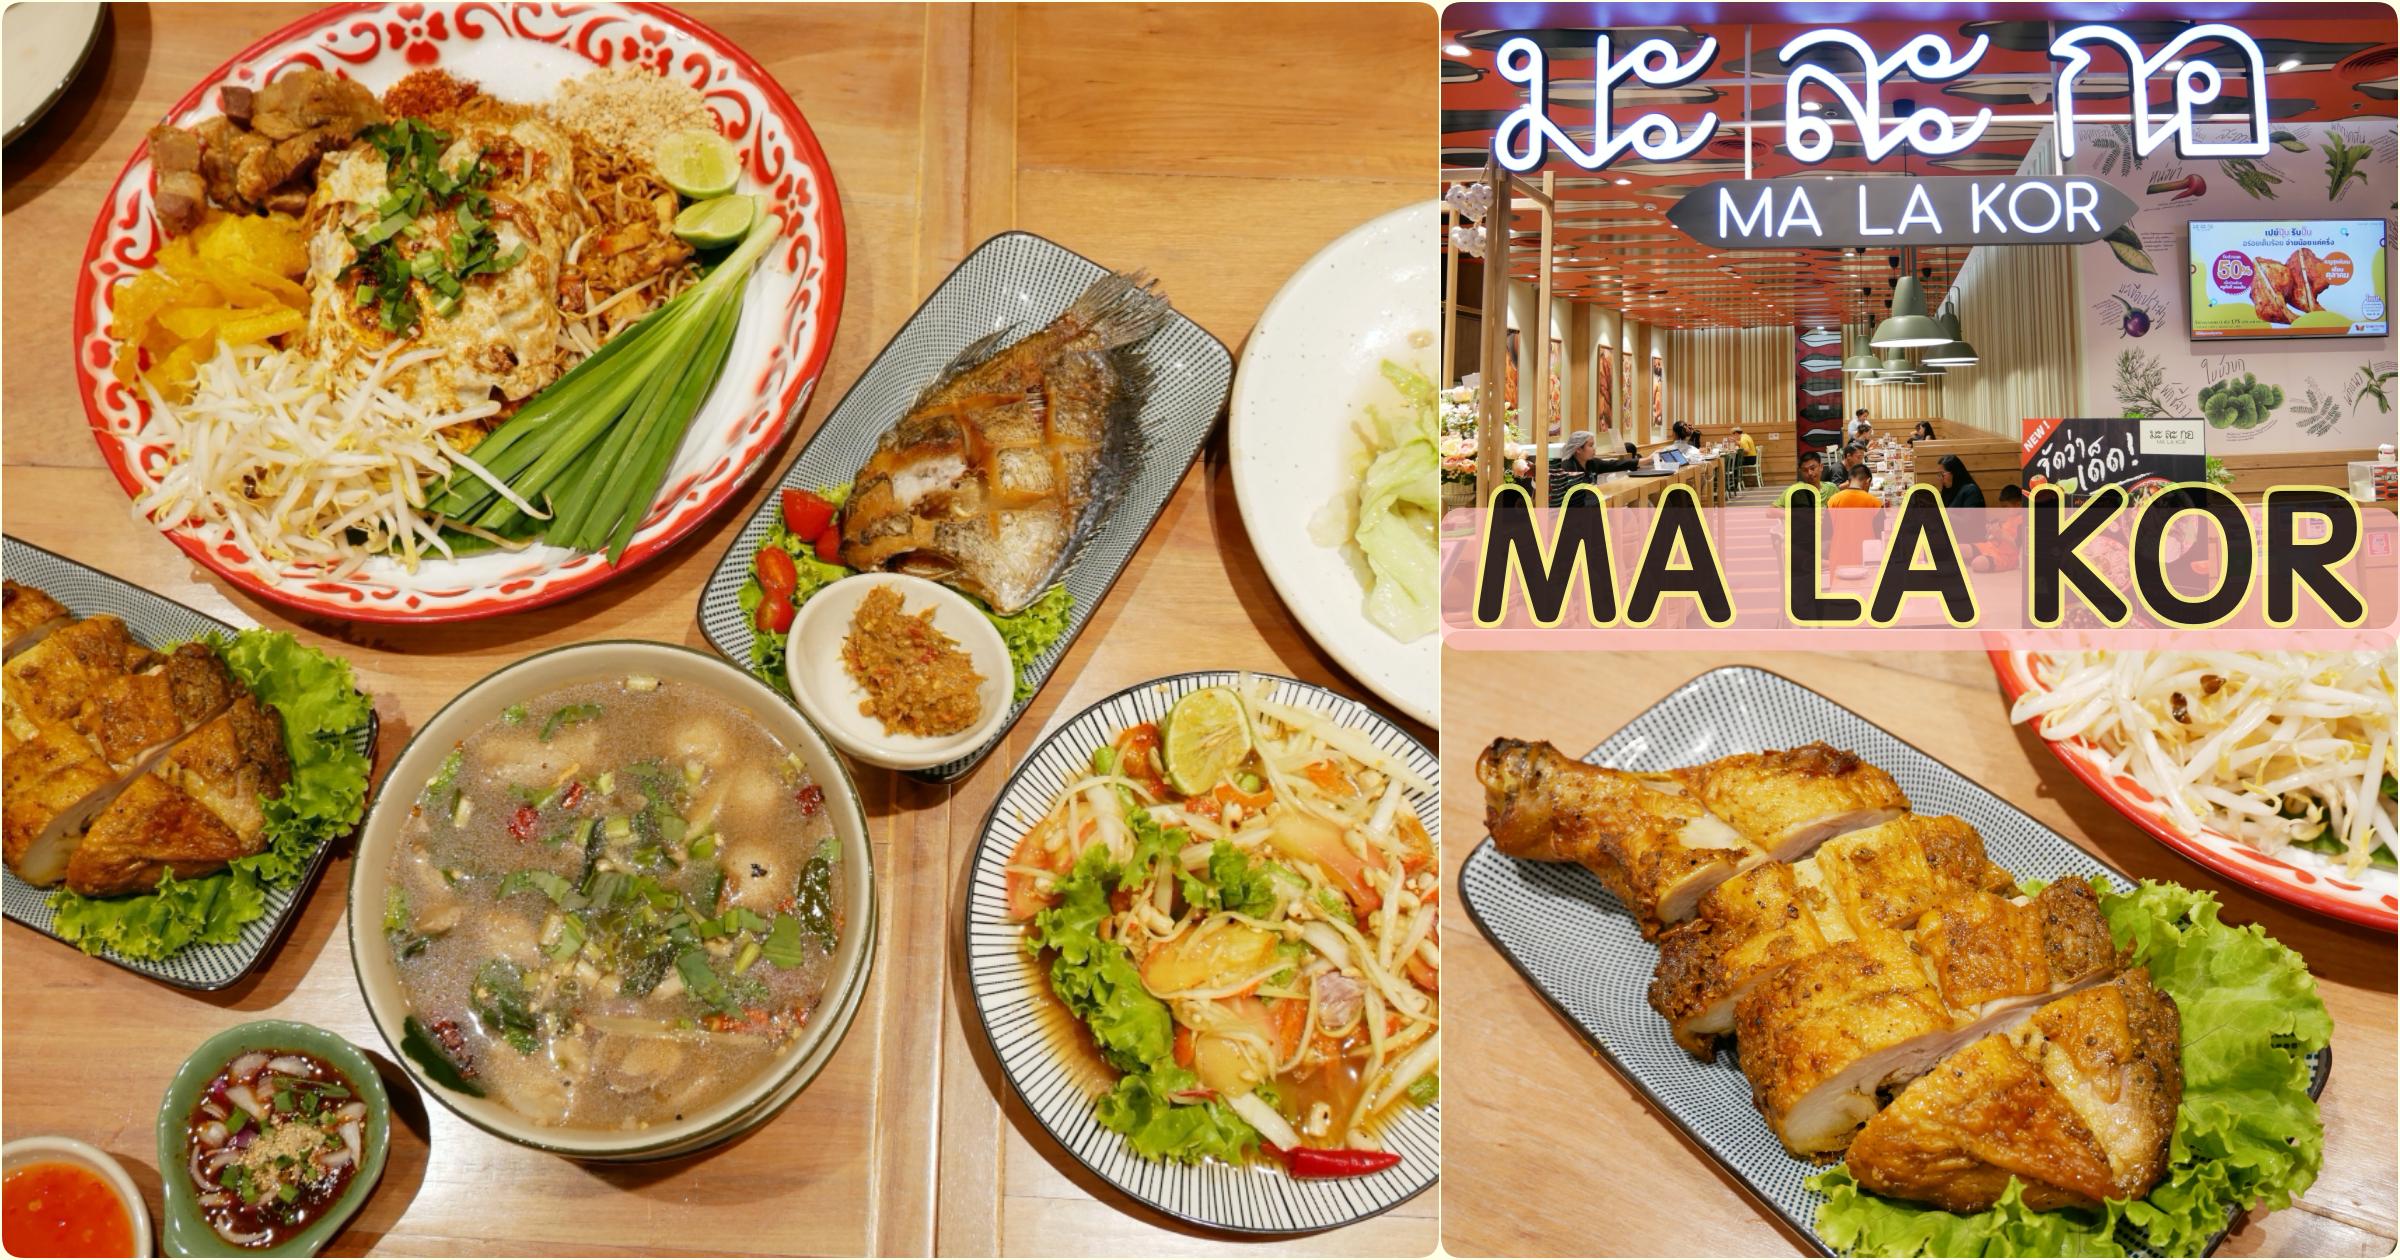 最新推播訊息:[芭達雅美食]MA LA KOR|Terminal21 Pattaya 3樓~氣氛環境佳的平價泰式料理.滿滿一桌花不到800銖